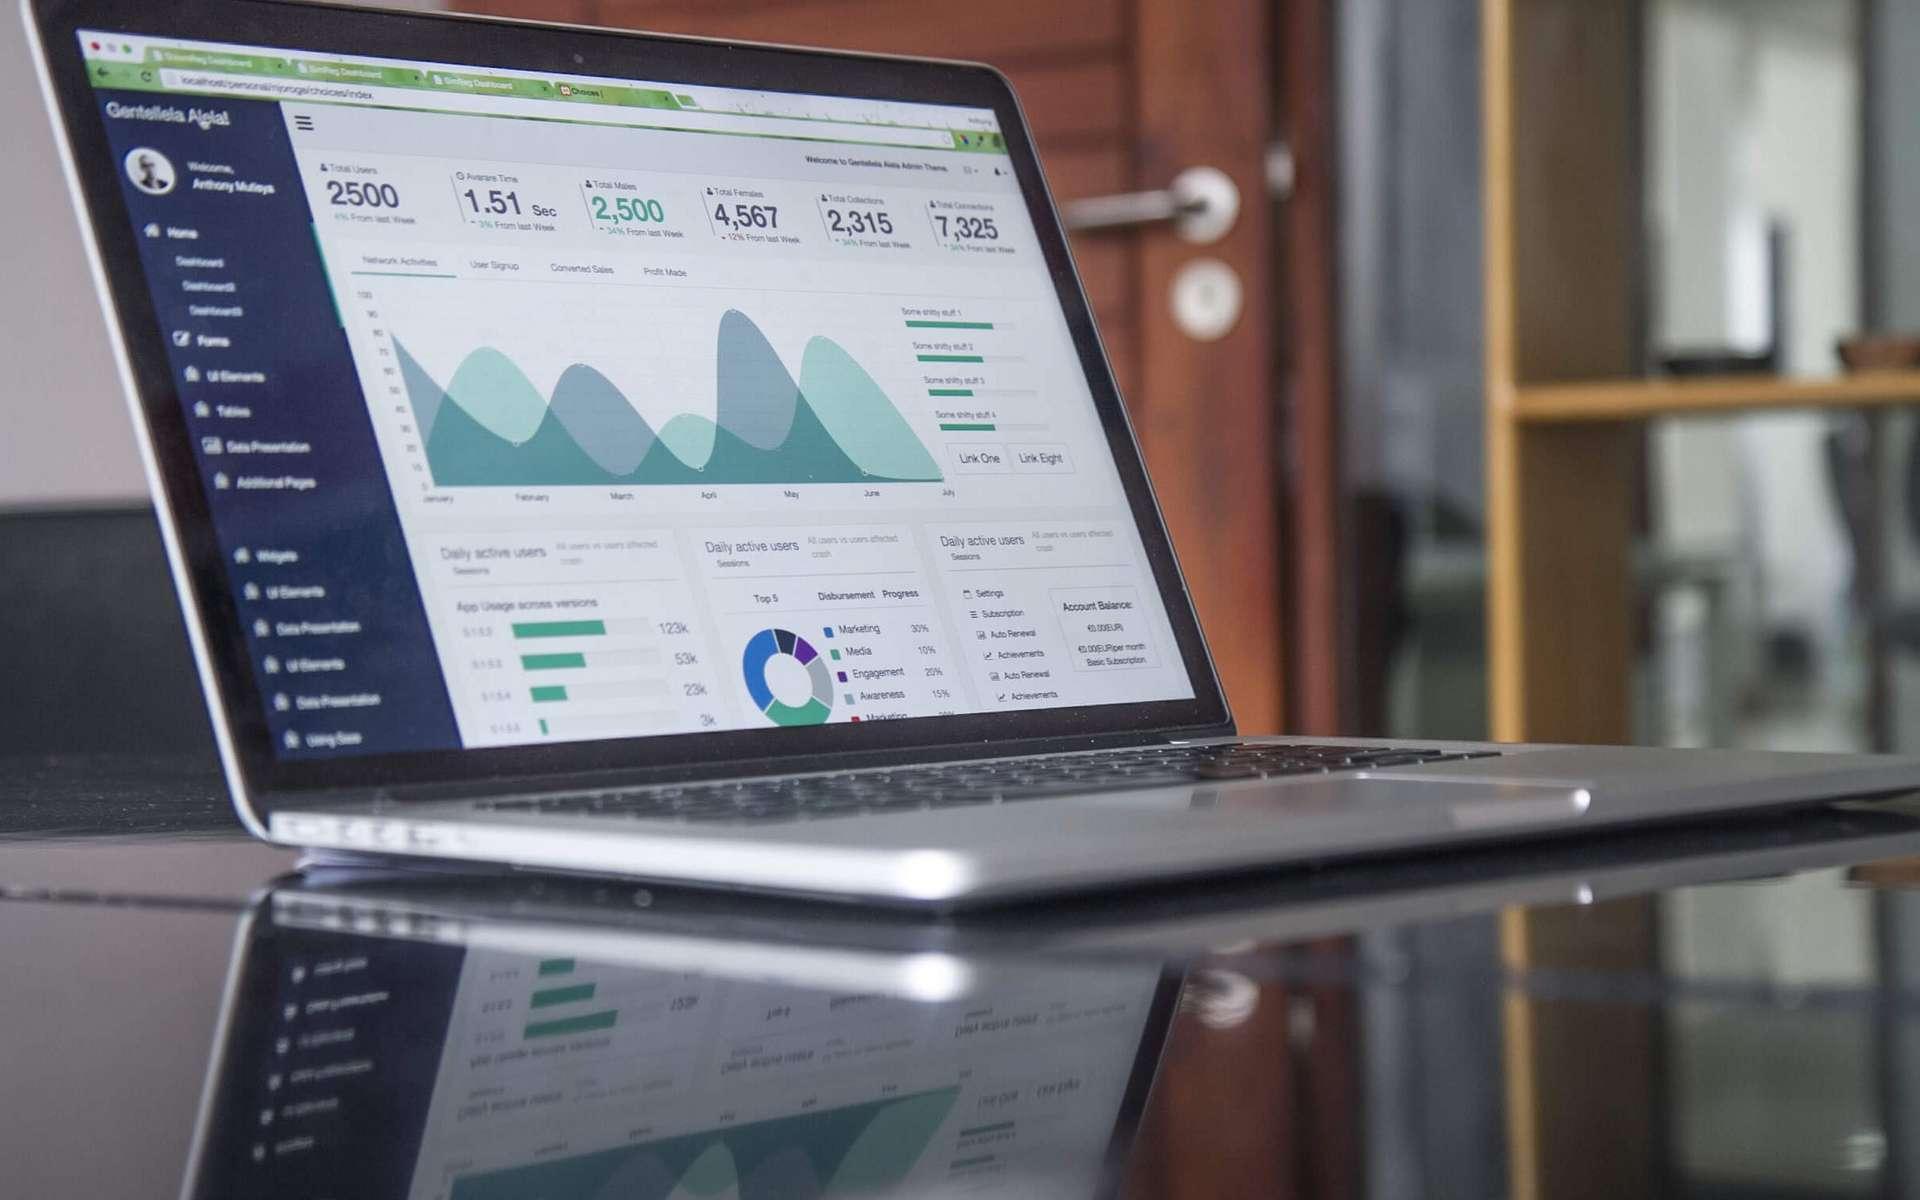 Power Bi de Microsoft, un outil de data visualisation utile aux entreprises pour l'analyse de données. © Carlos Muza, Unsplash